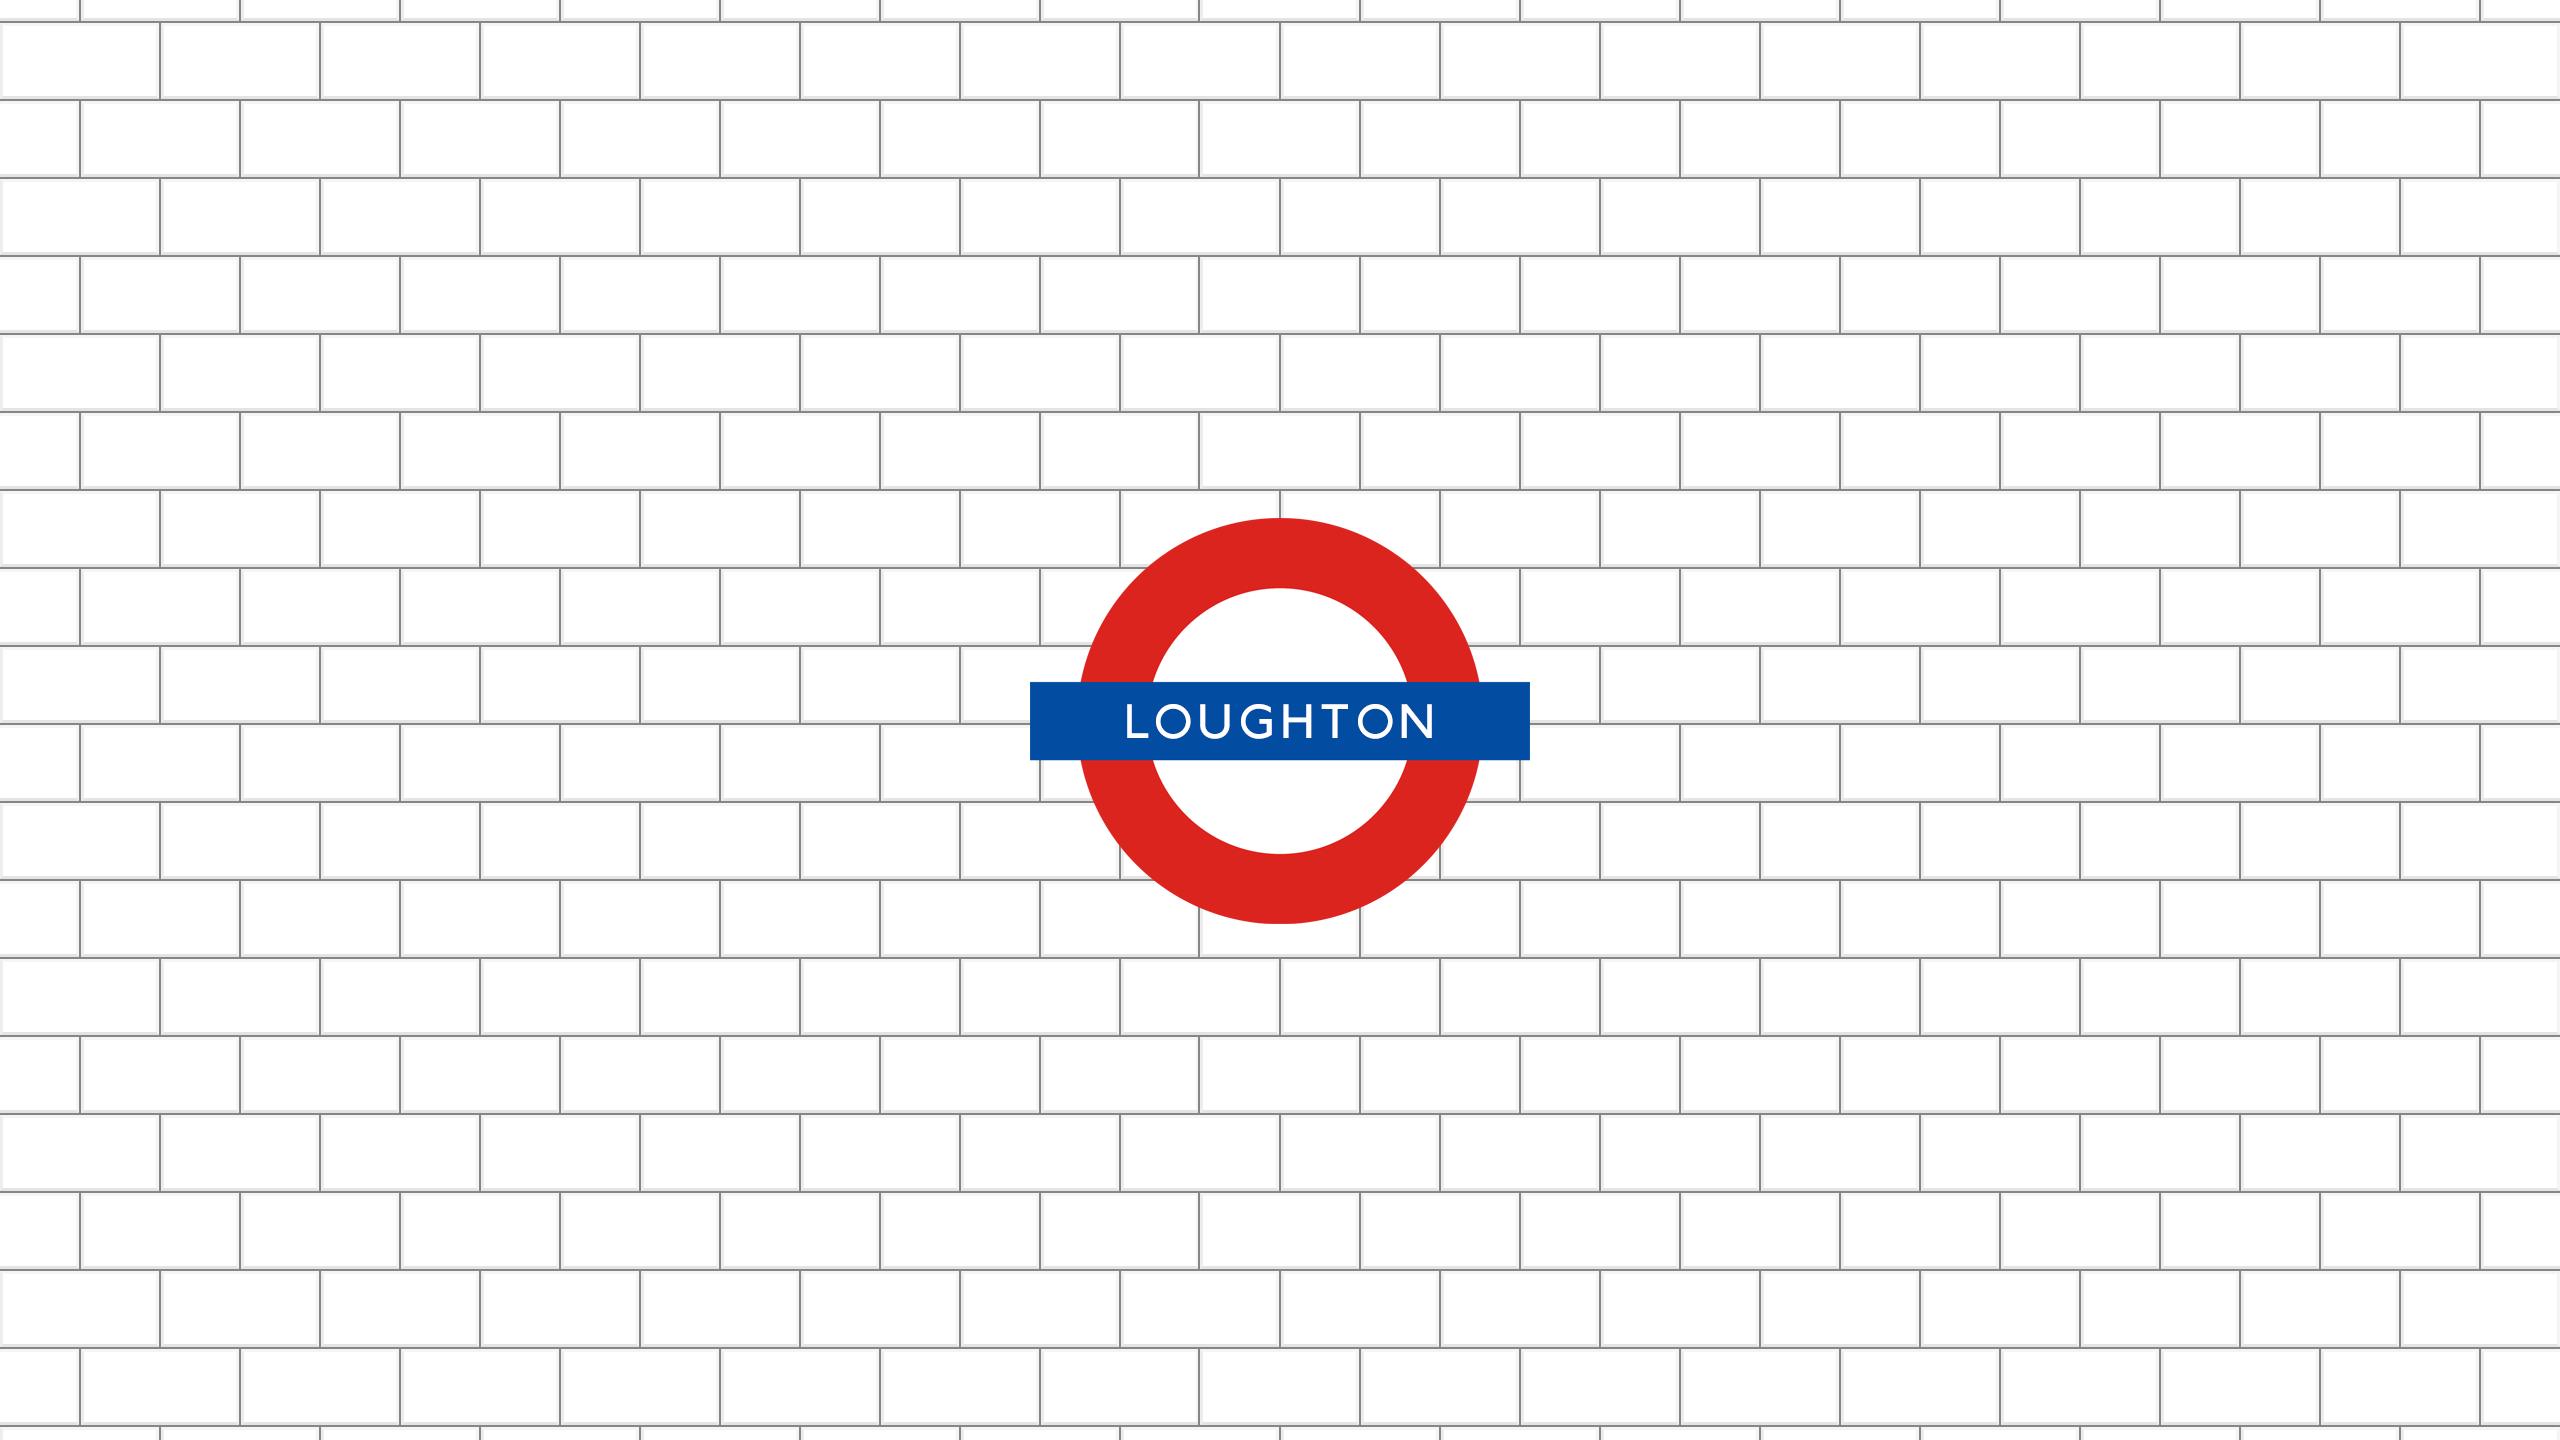 Loughton